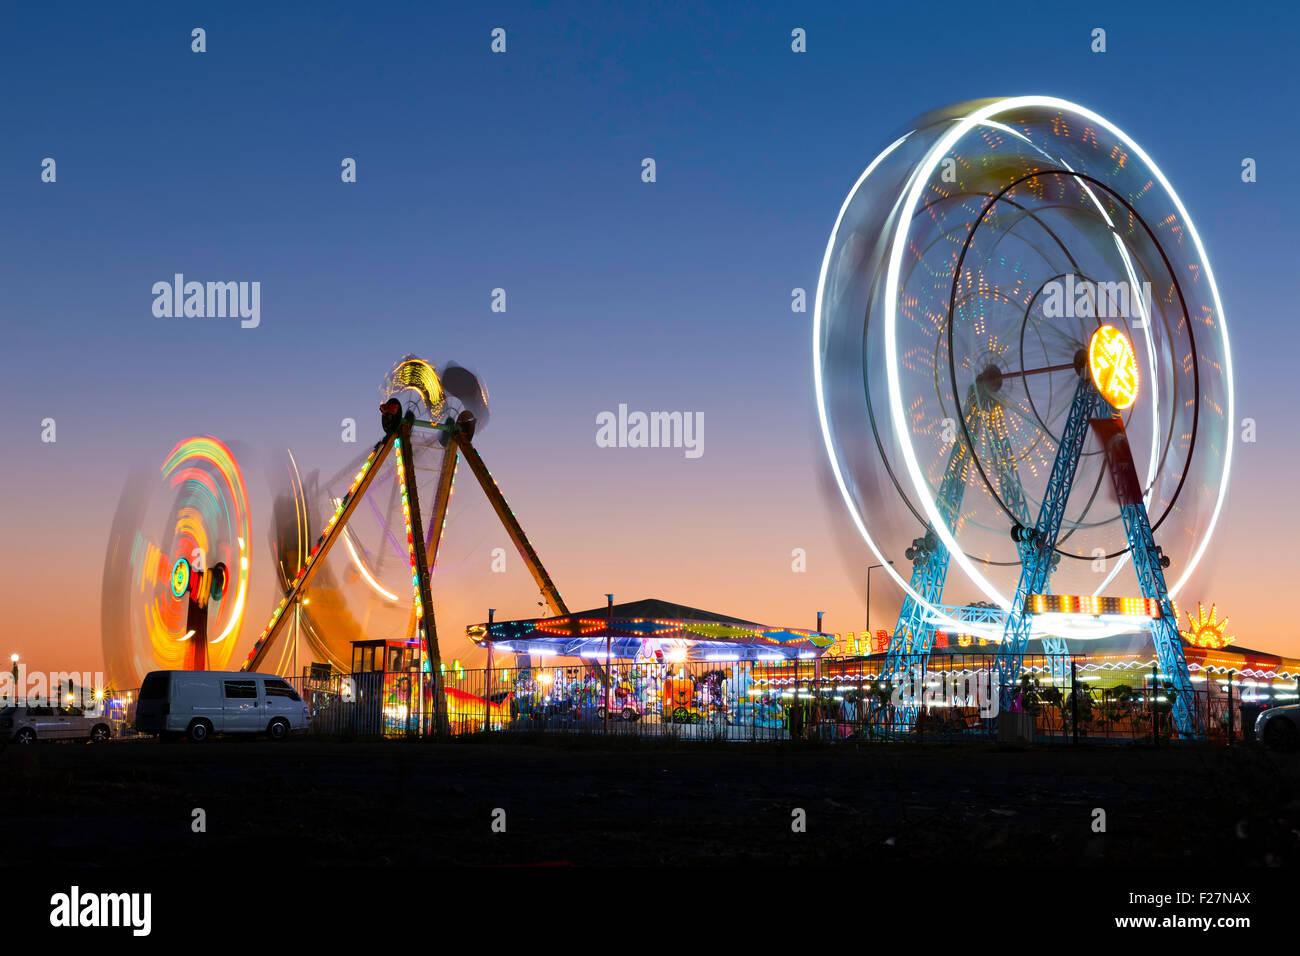 Coloratissimo carnevale ruota panoramica Ferris e gondola la filatura in movimento sfocati al crepuscolo in un parco Immagini Stock